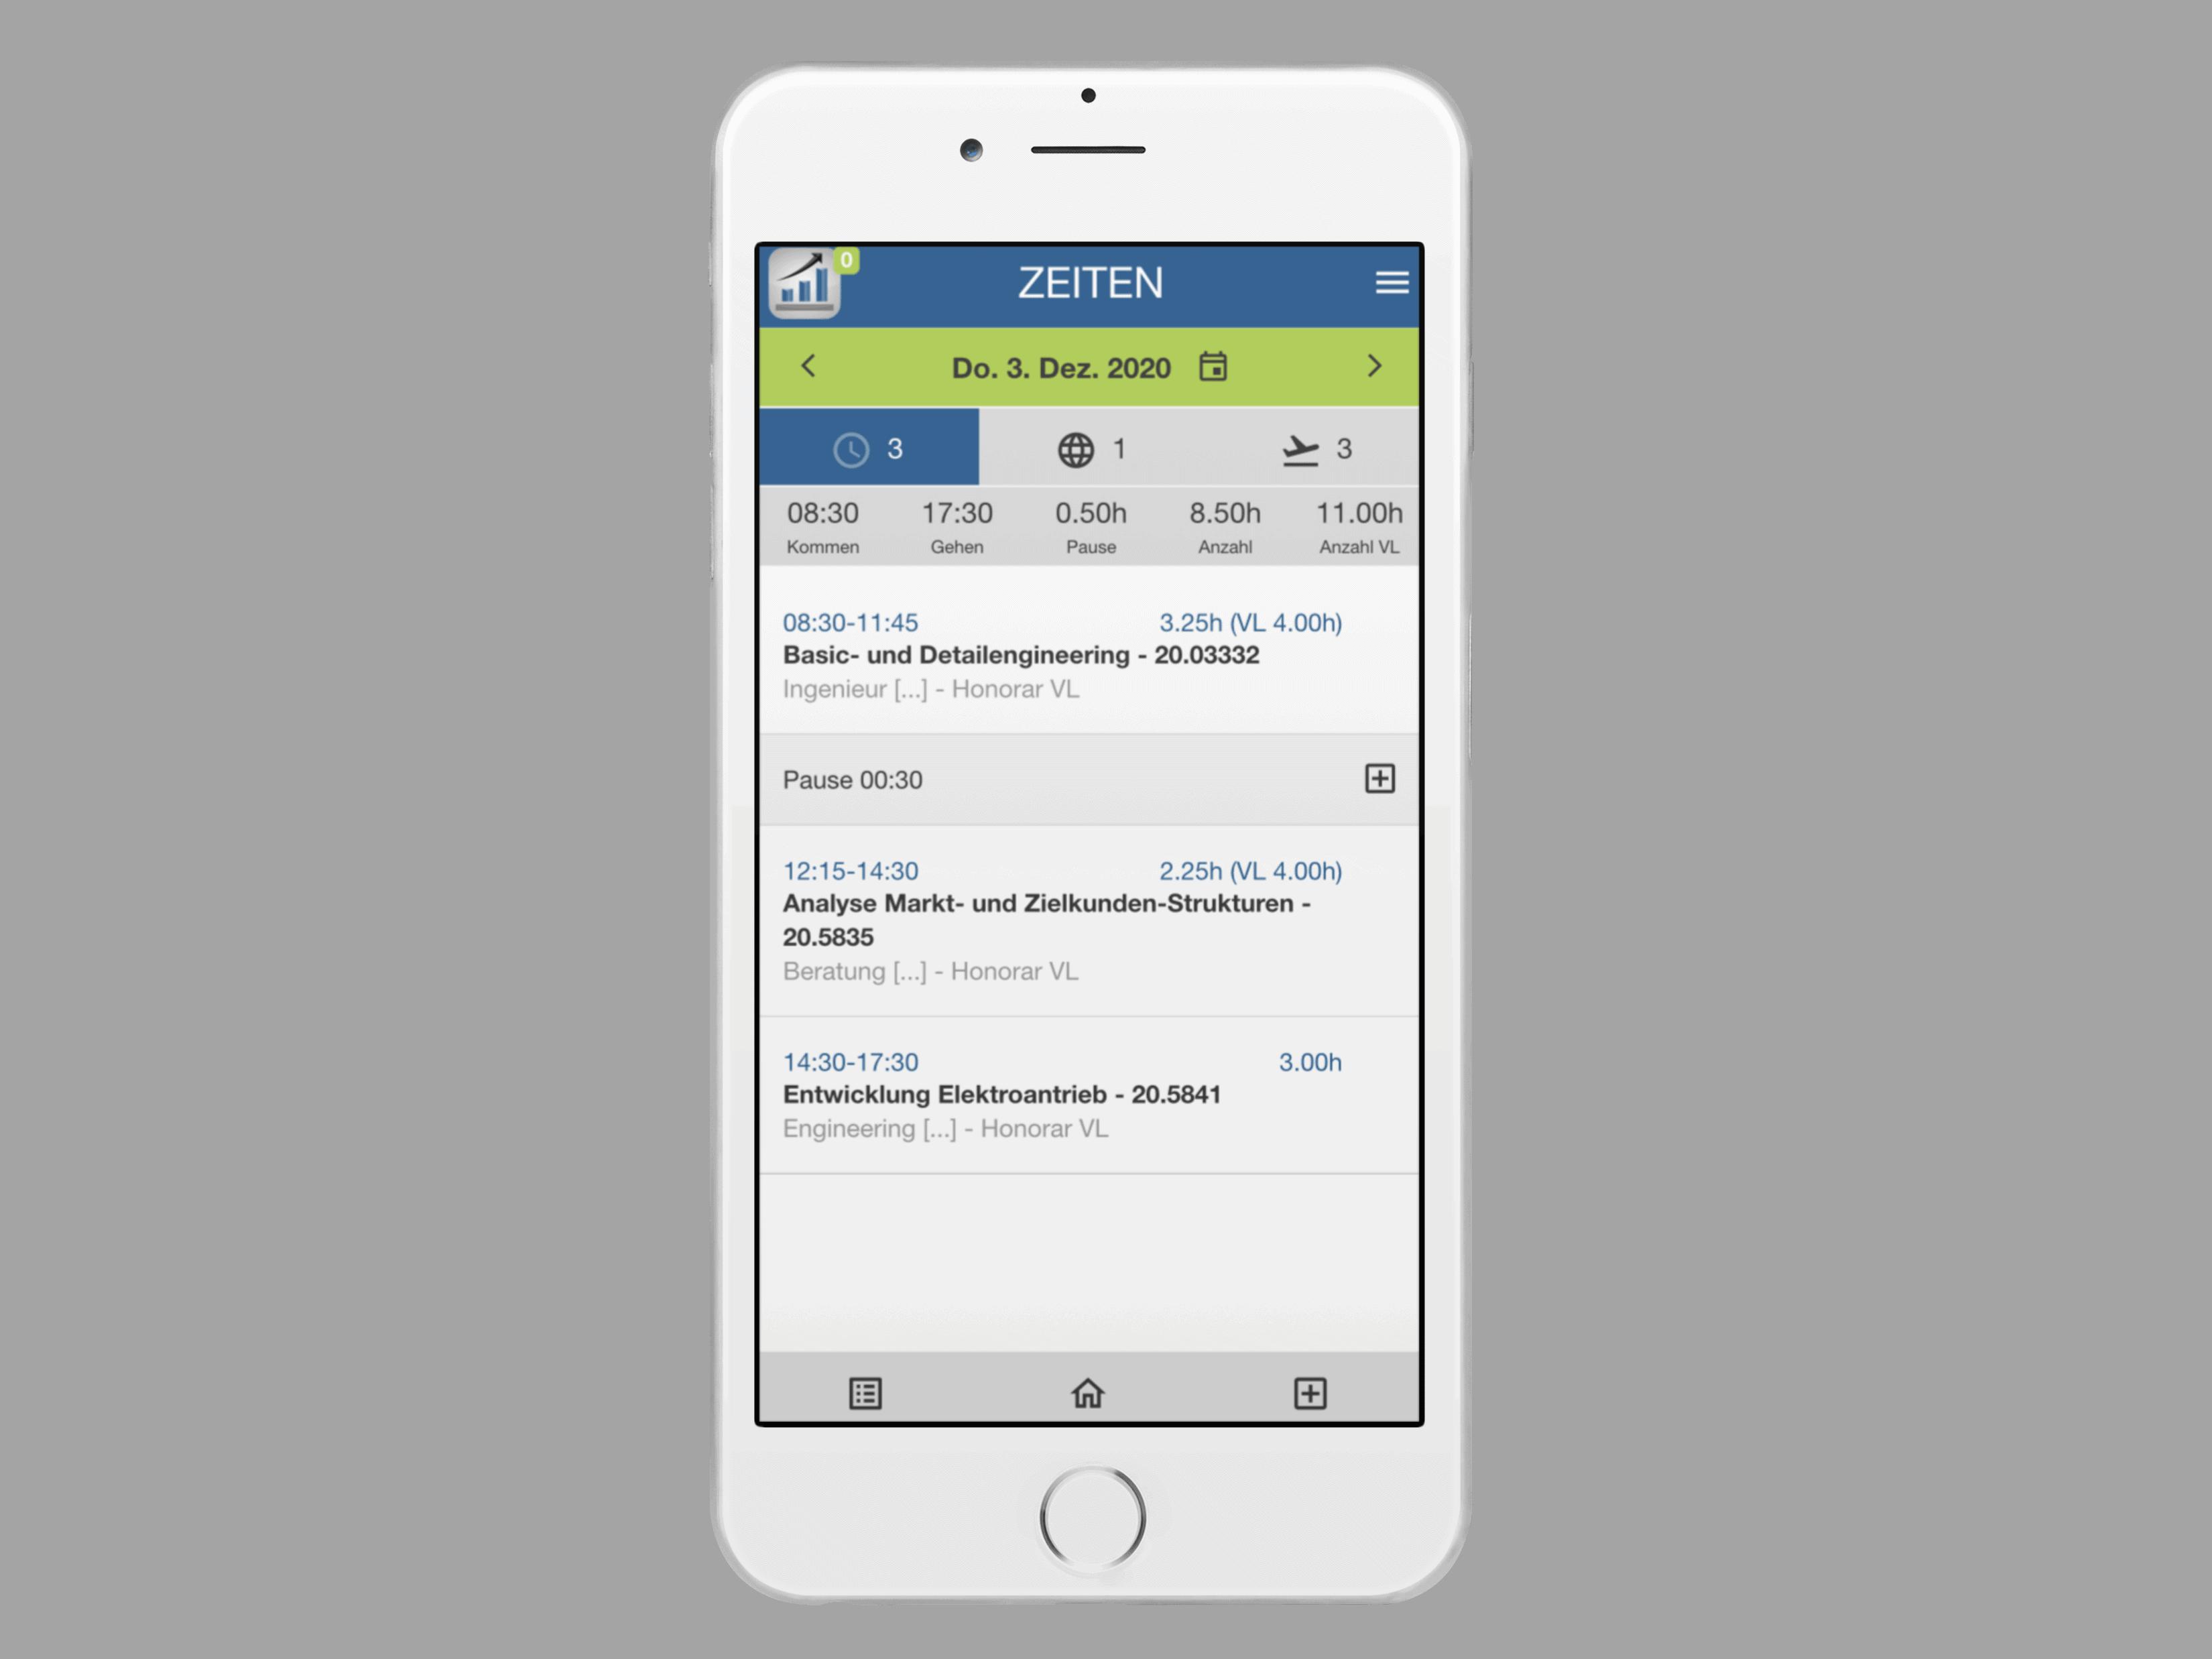 PACS Zeiterfassung App